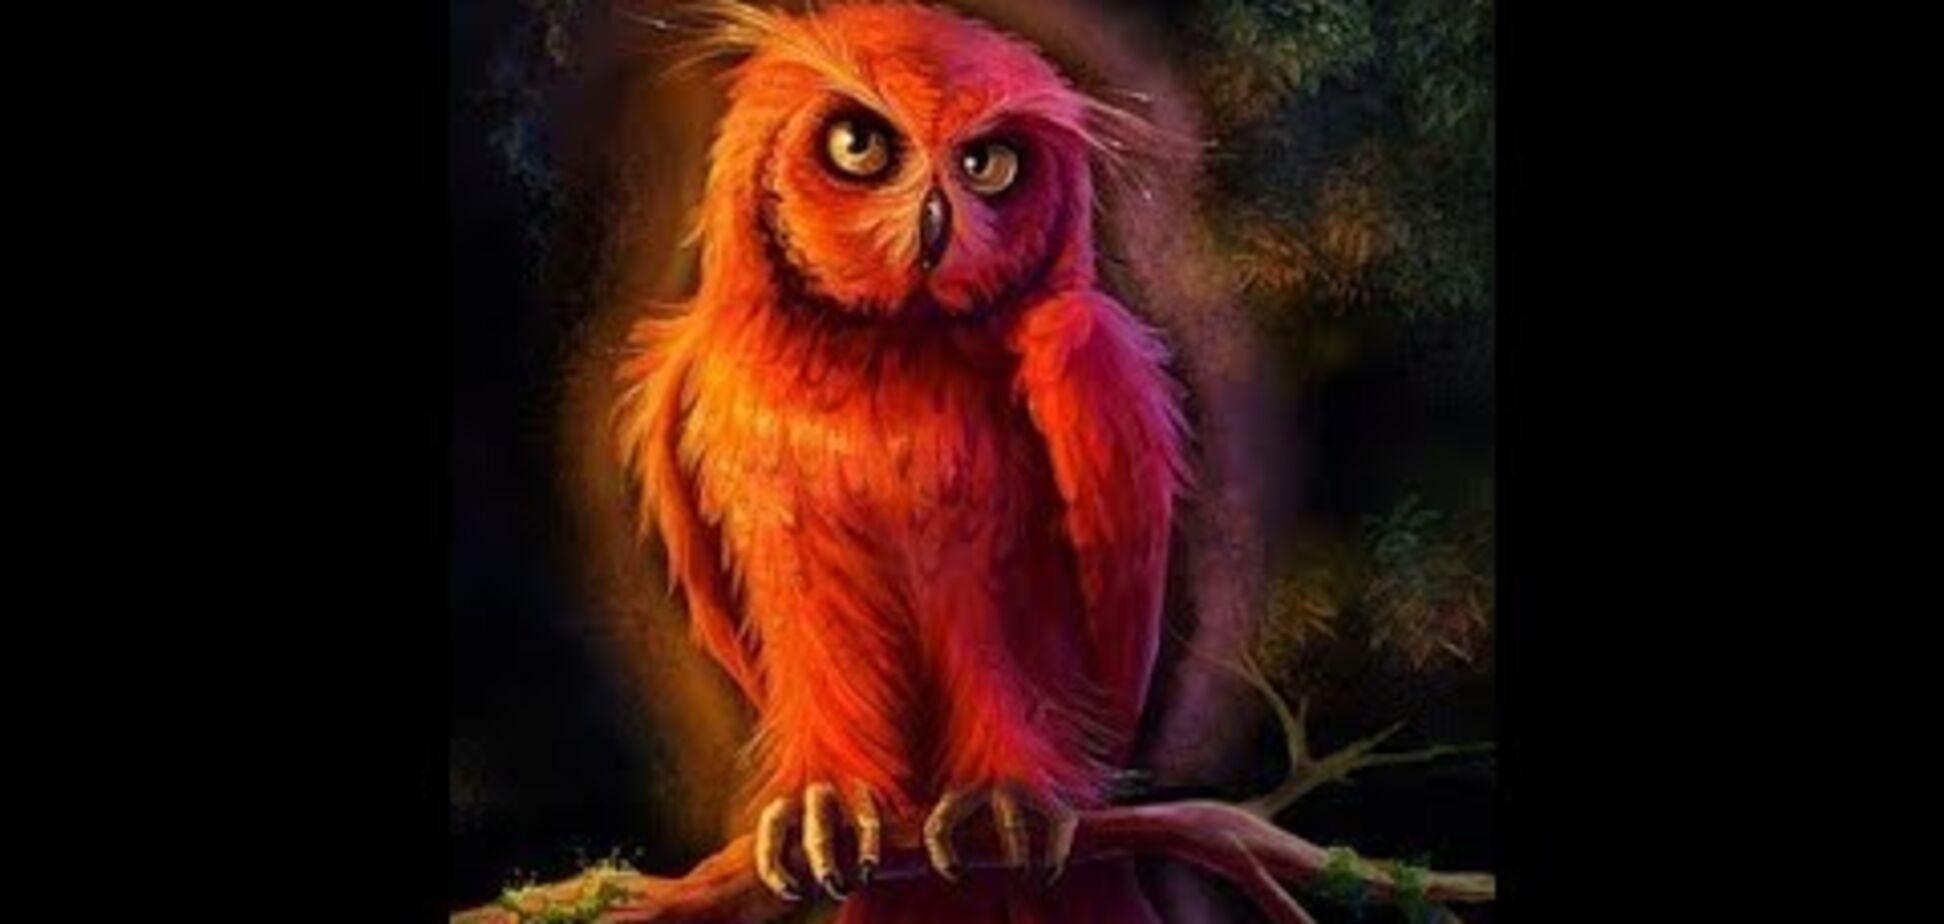 'Червона сова': психолог дала поради, як вивести дитину зі смертельної гри